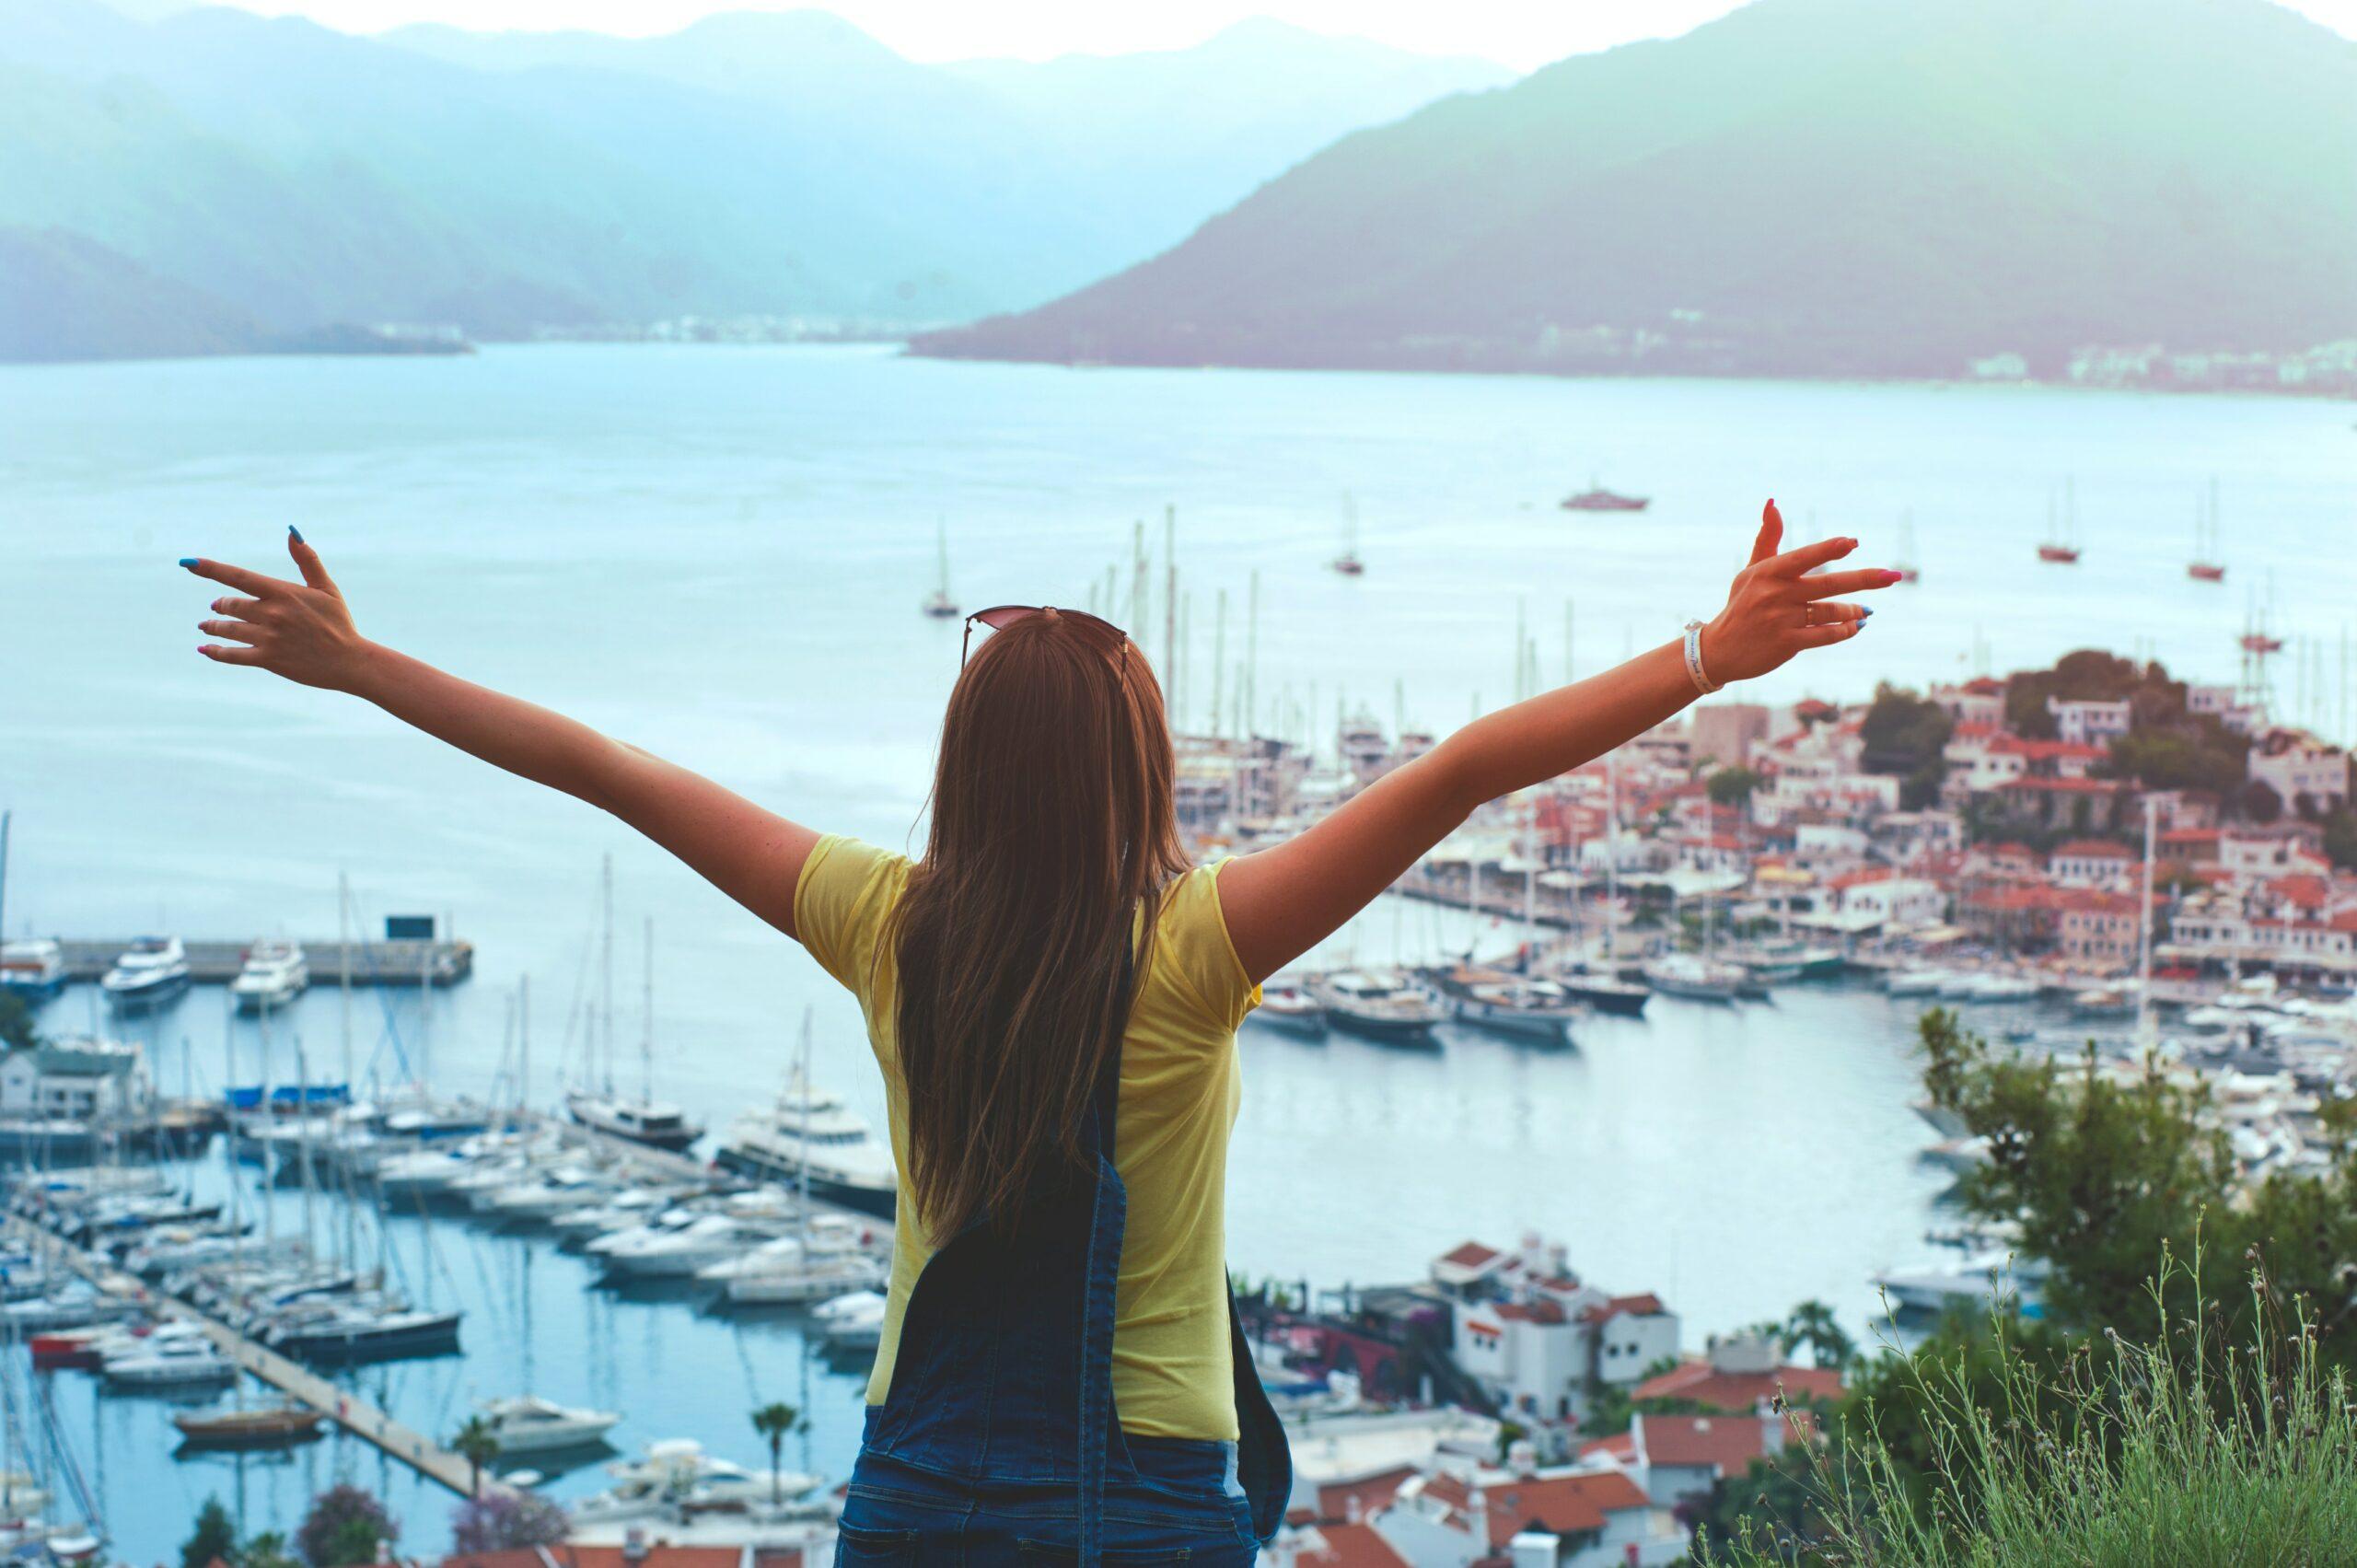 Кредит на відпочинок і відпустку в Україні та за кордоном